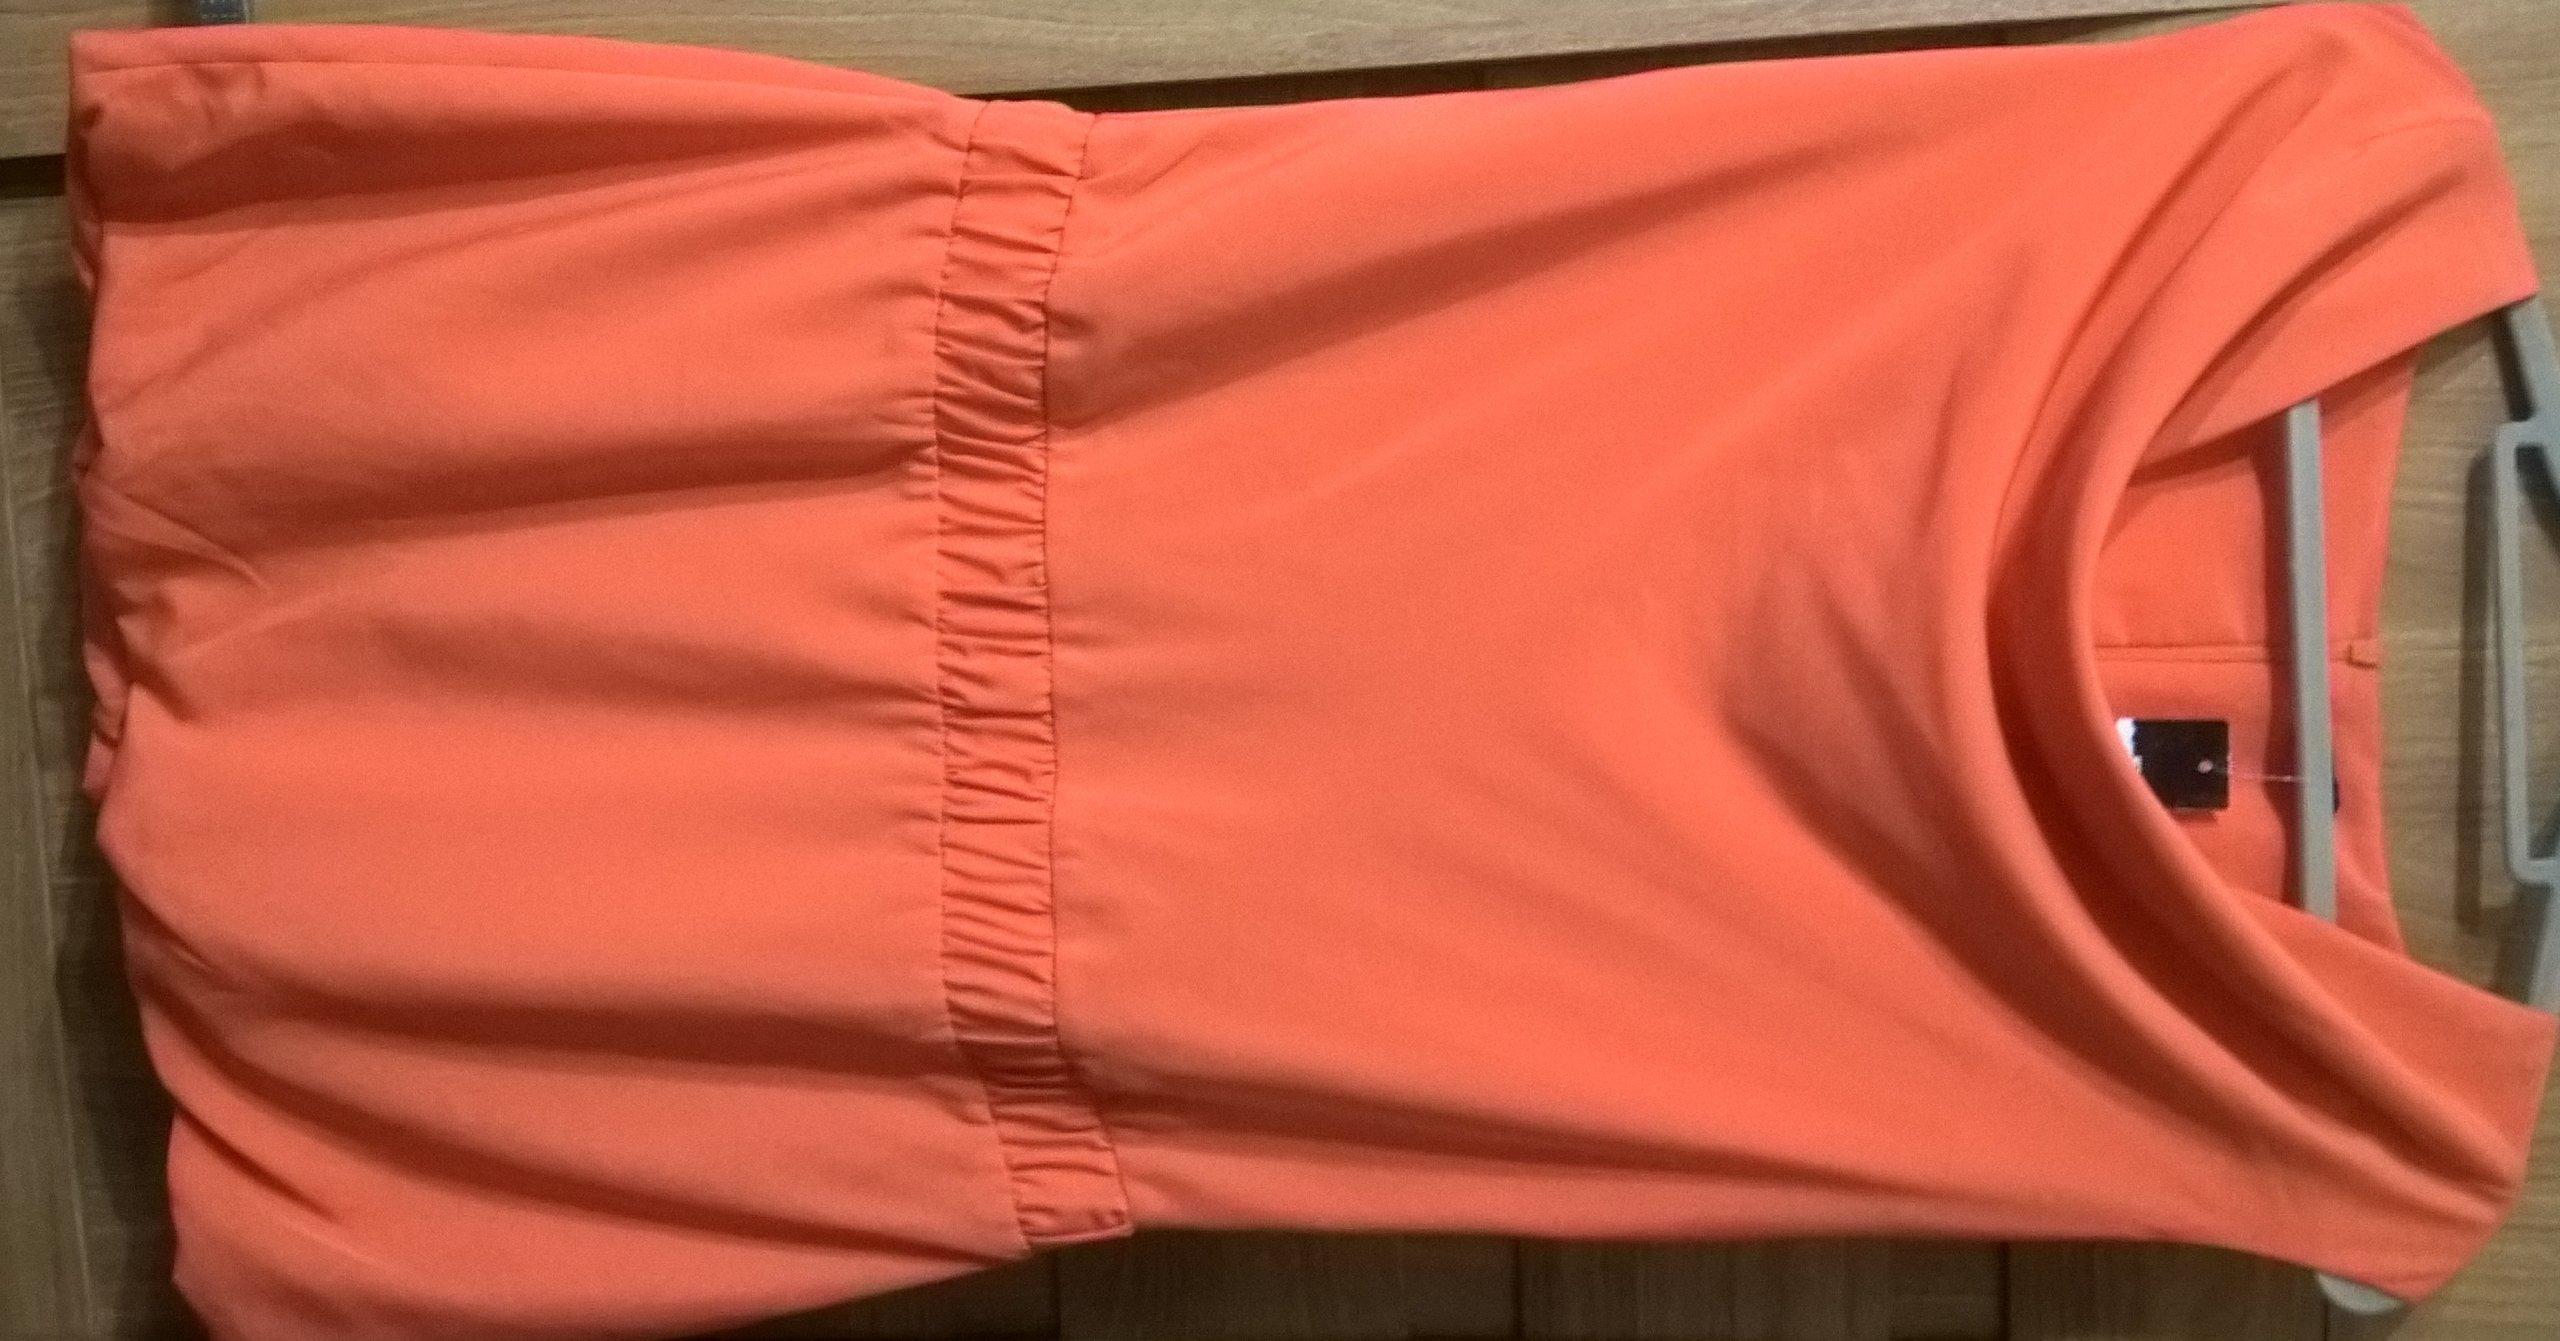 Mohito sukienka bombka pomarańczowa rozm. 40 Nowa